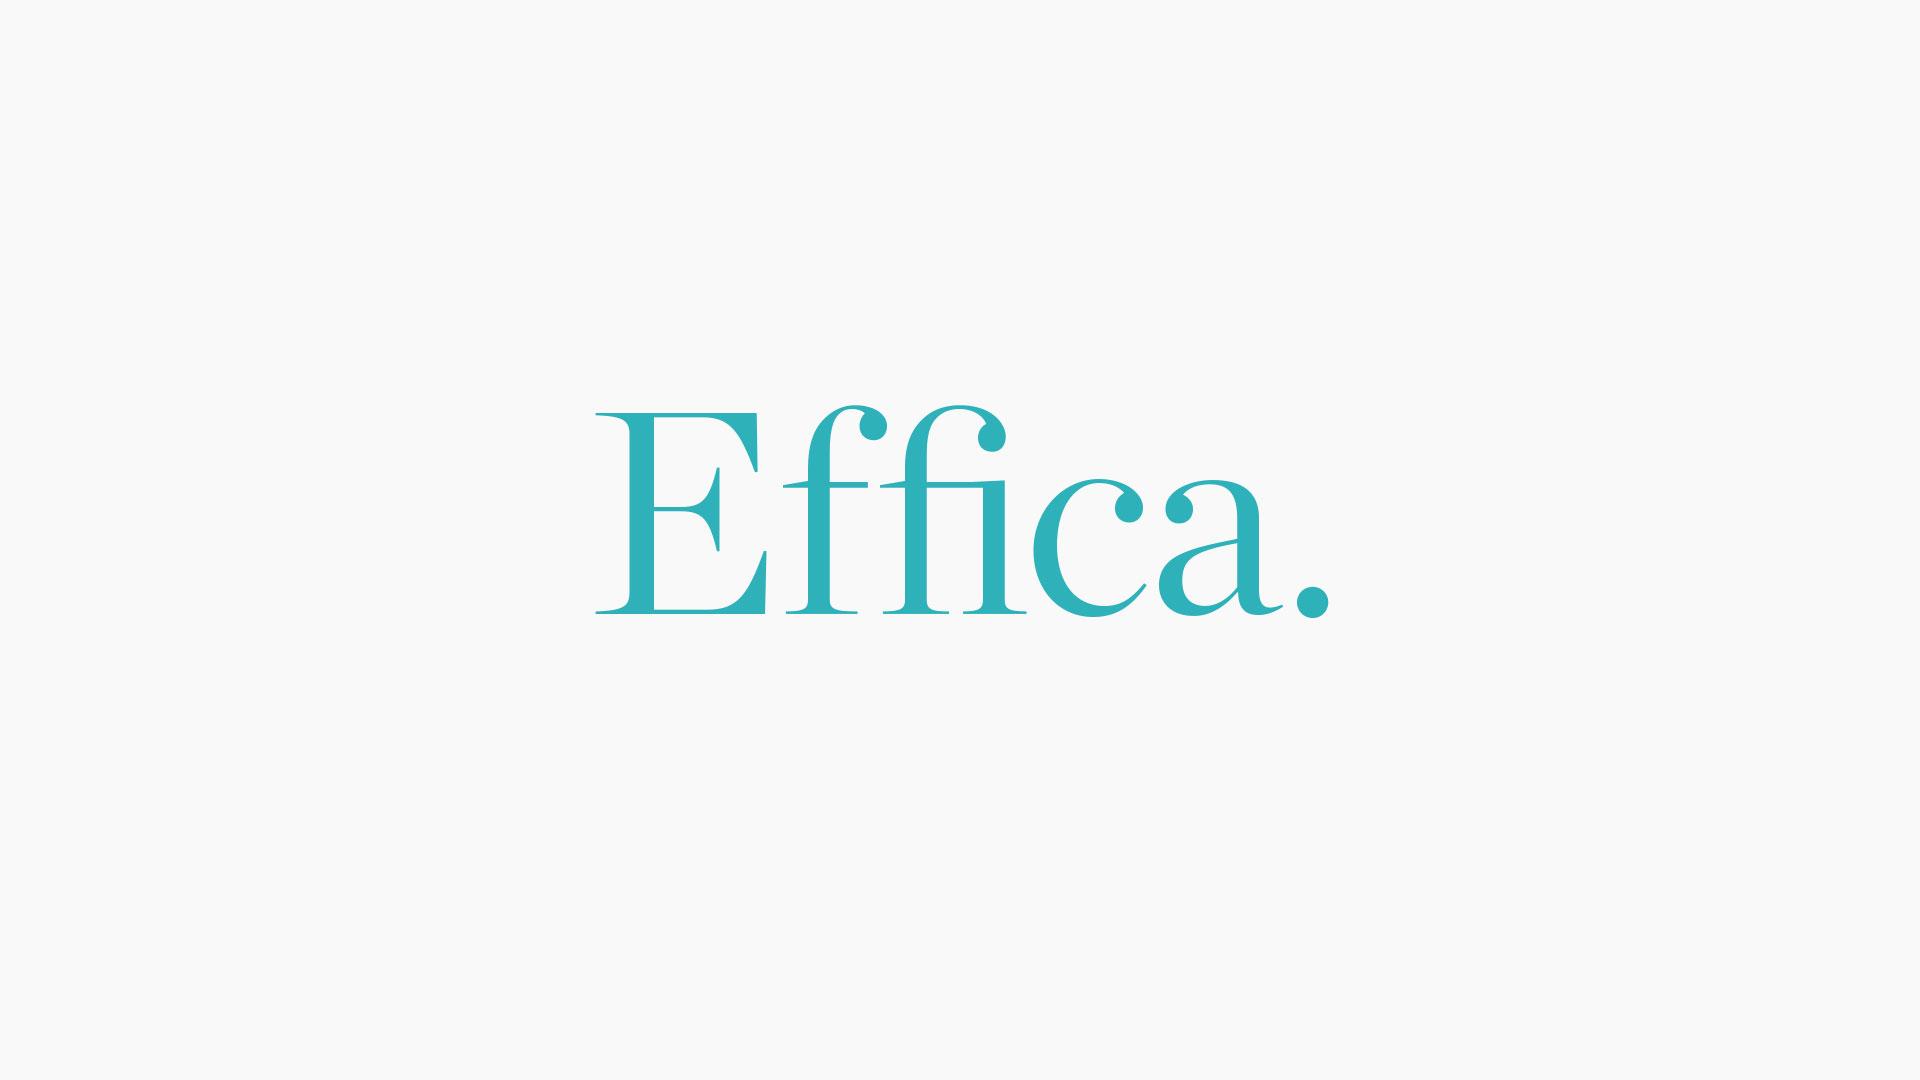 Effica branding